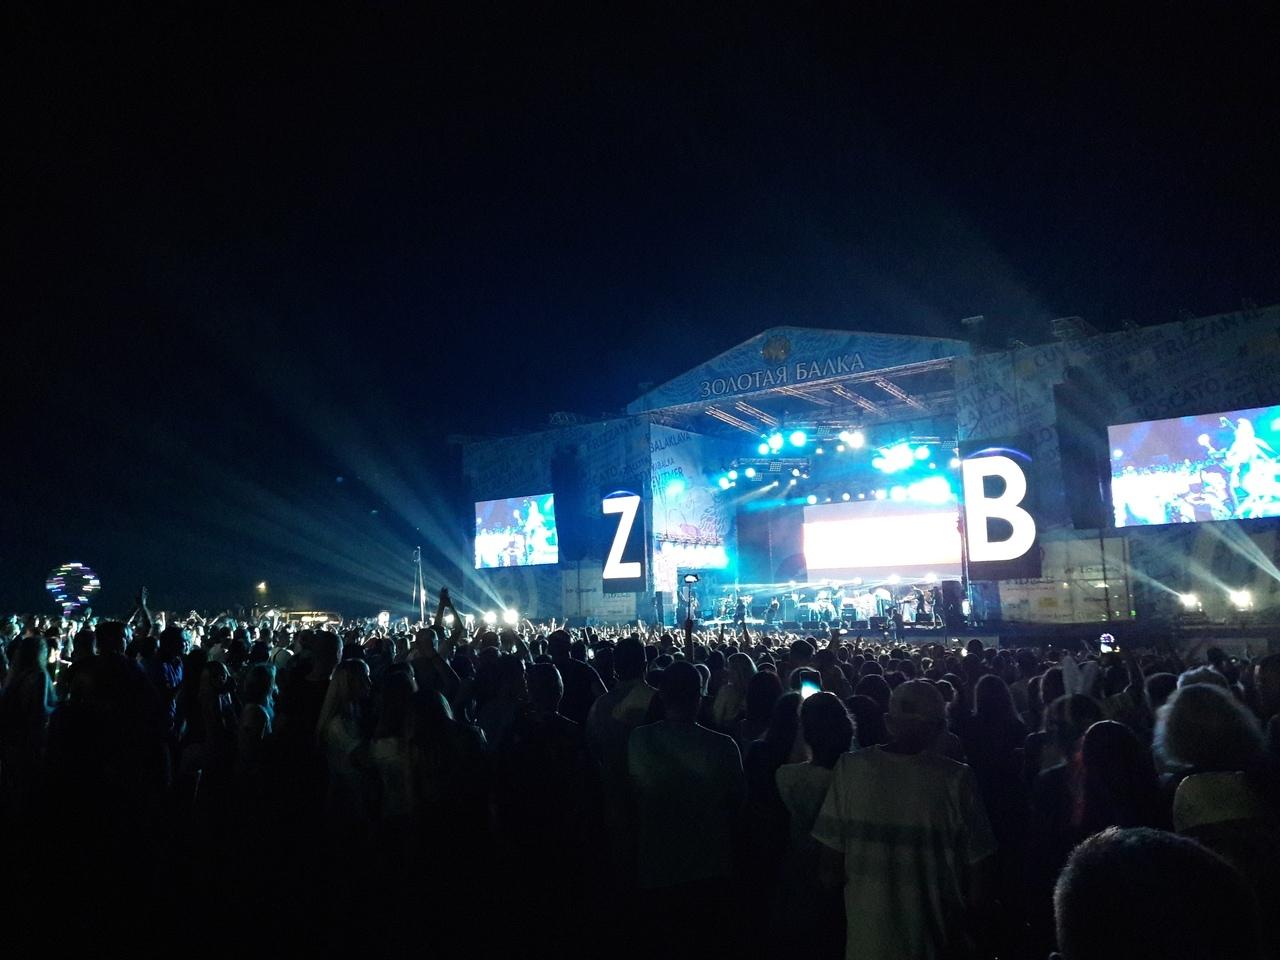 В Балаклаве прошёл музыкальный фестиваль в виноградниках #ZBFest